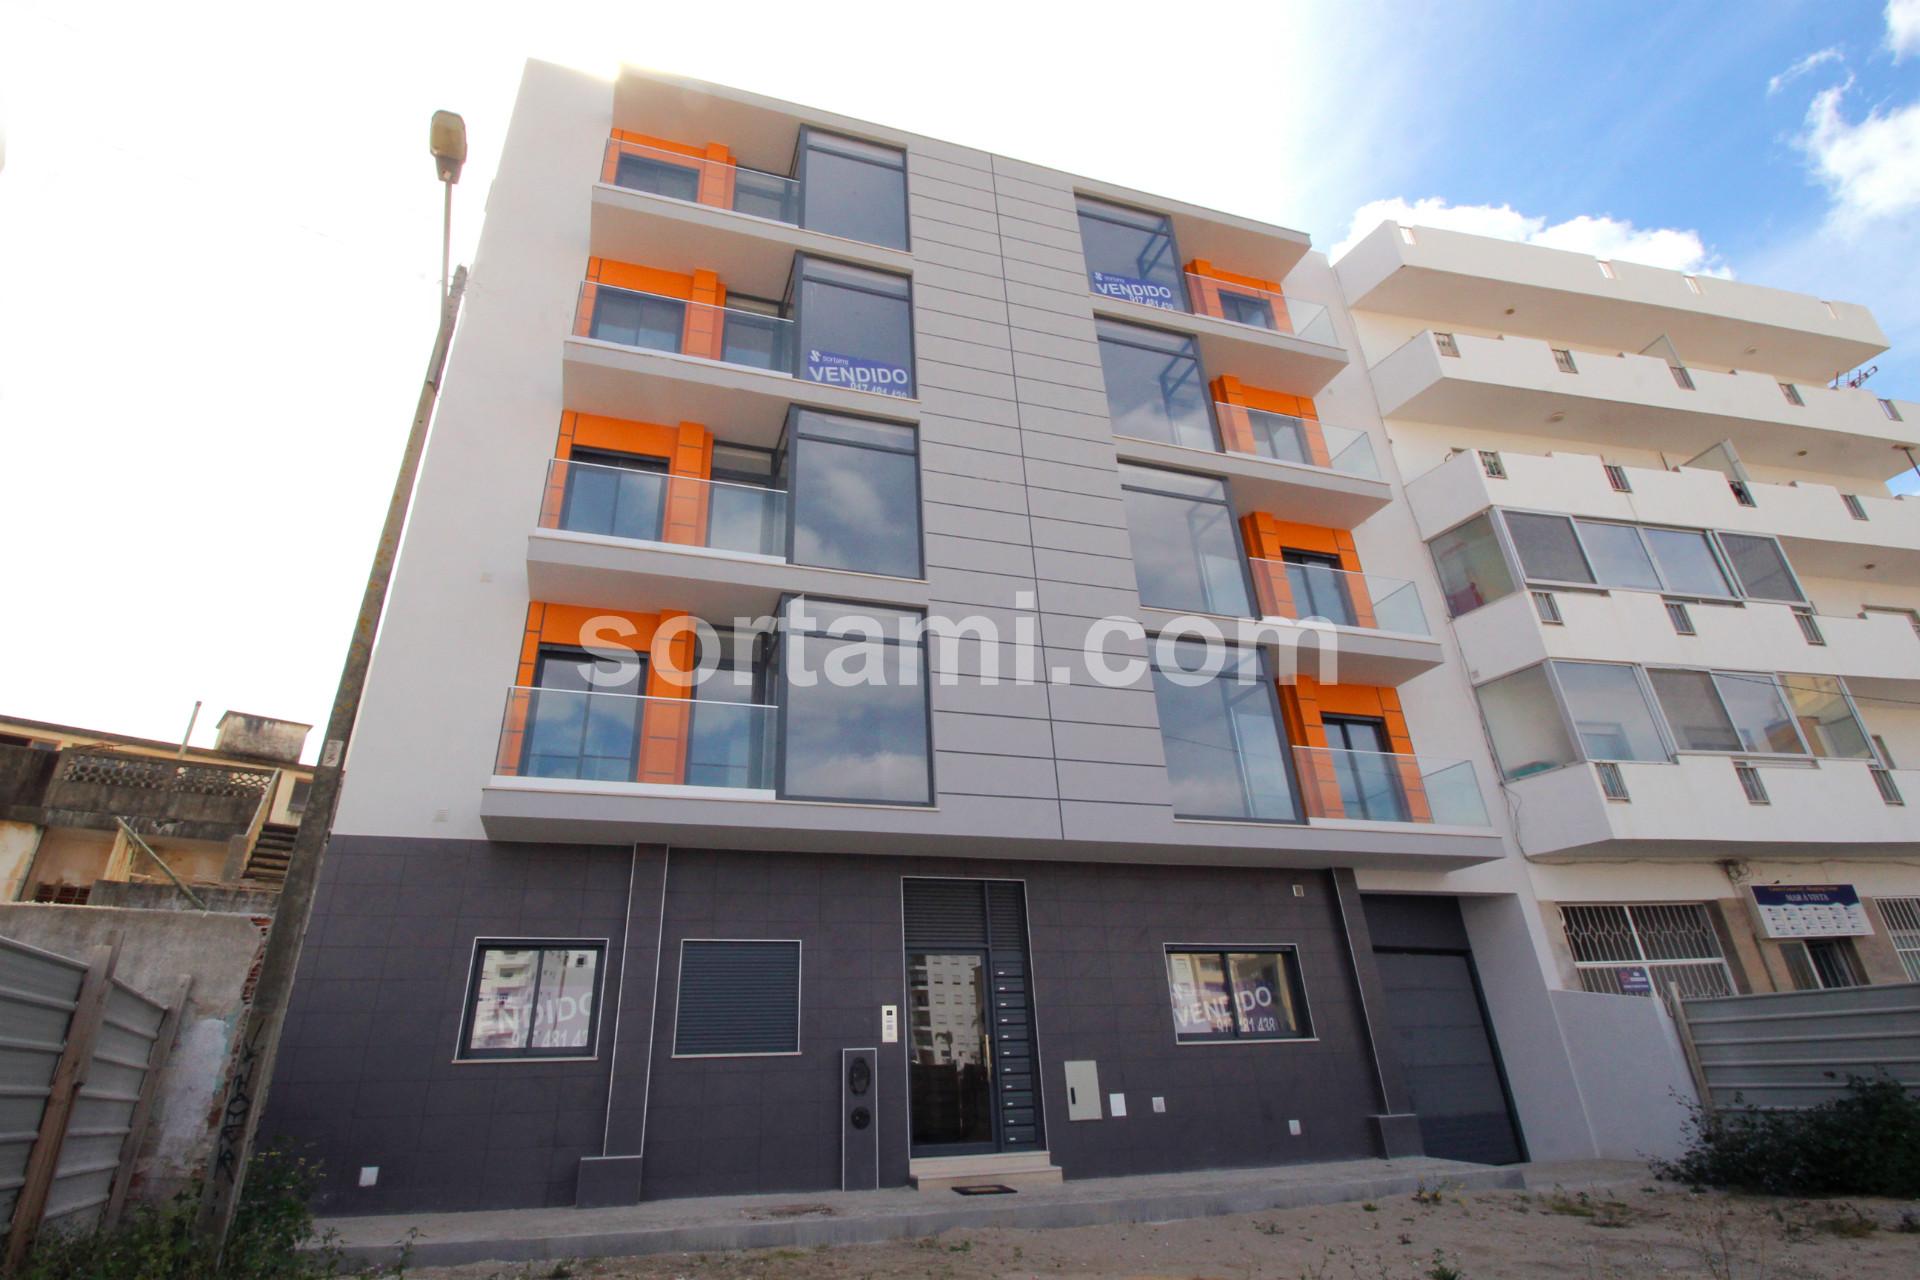 Apartamento T2 Venda em Quarteira,Loulé